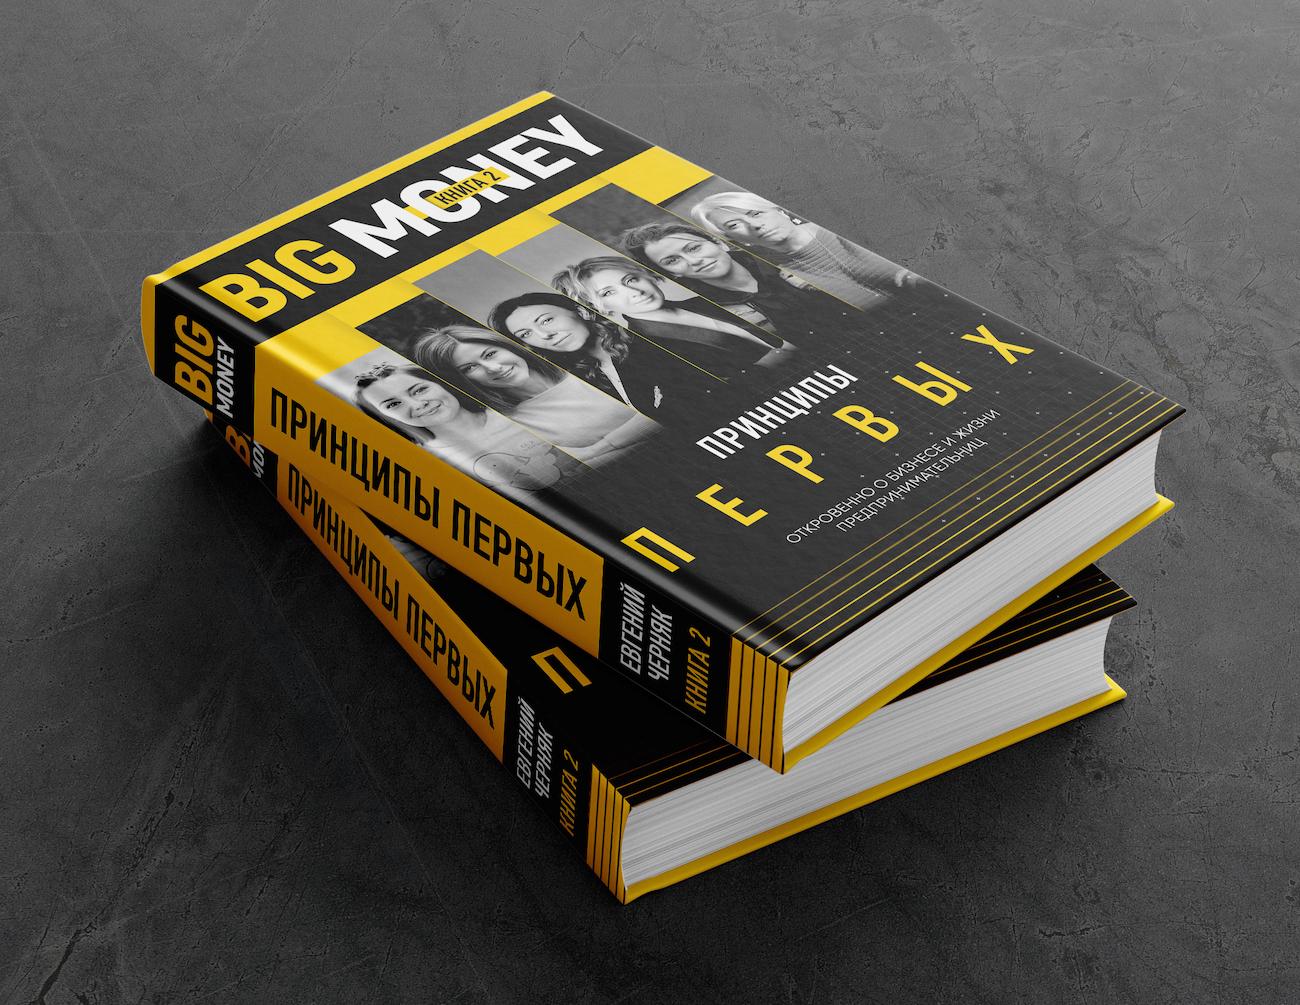 В сентябре выходит «Big Money. Книга 2» - вторая часть бестселлера от Евгения Черняка